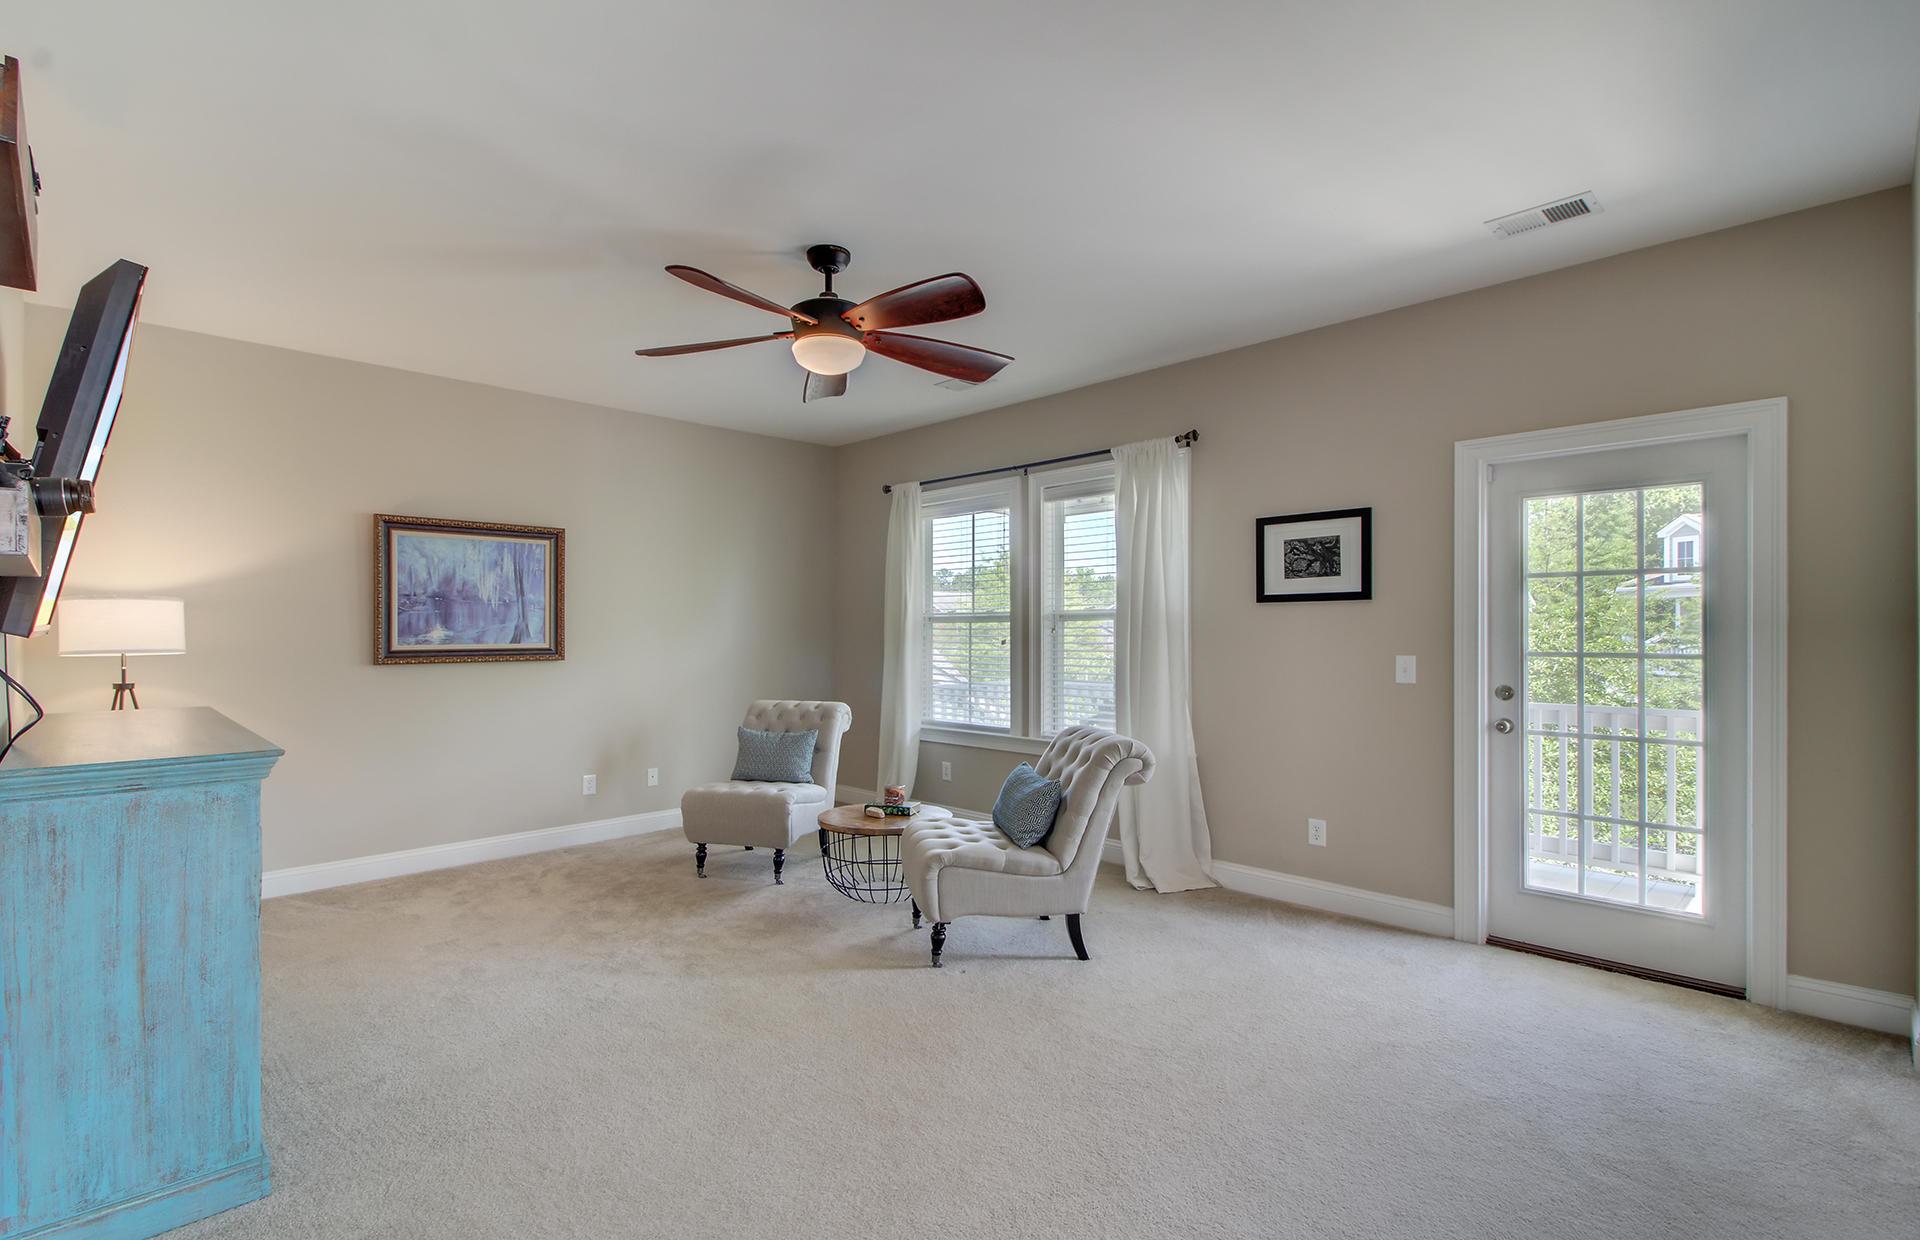 Boltons Landing Homes For Sale - 1749 Batten, Charleston, SC - 3